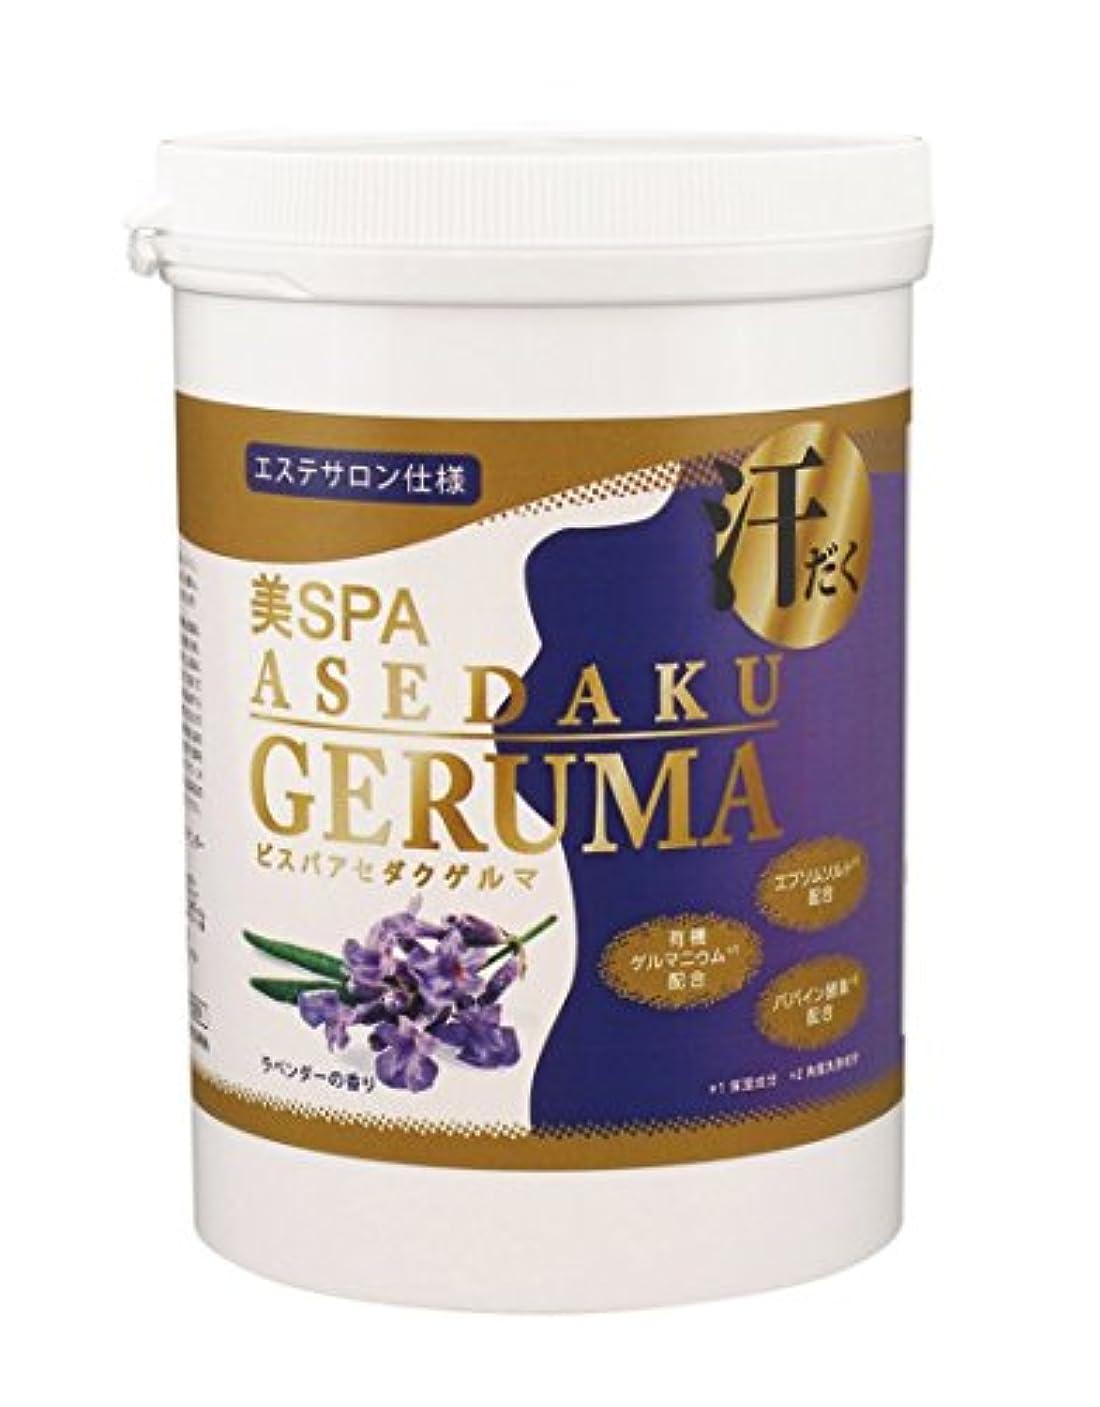 倉庫開示する同盟日本生化学 ゲルマニウム入浴料 美SPA ASEDAKU GERUMA ラベンダー ボトル 1kg